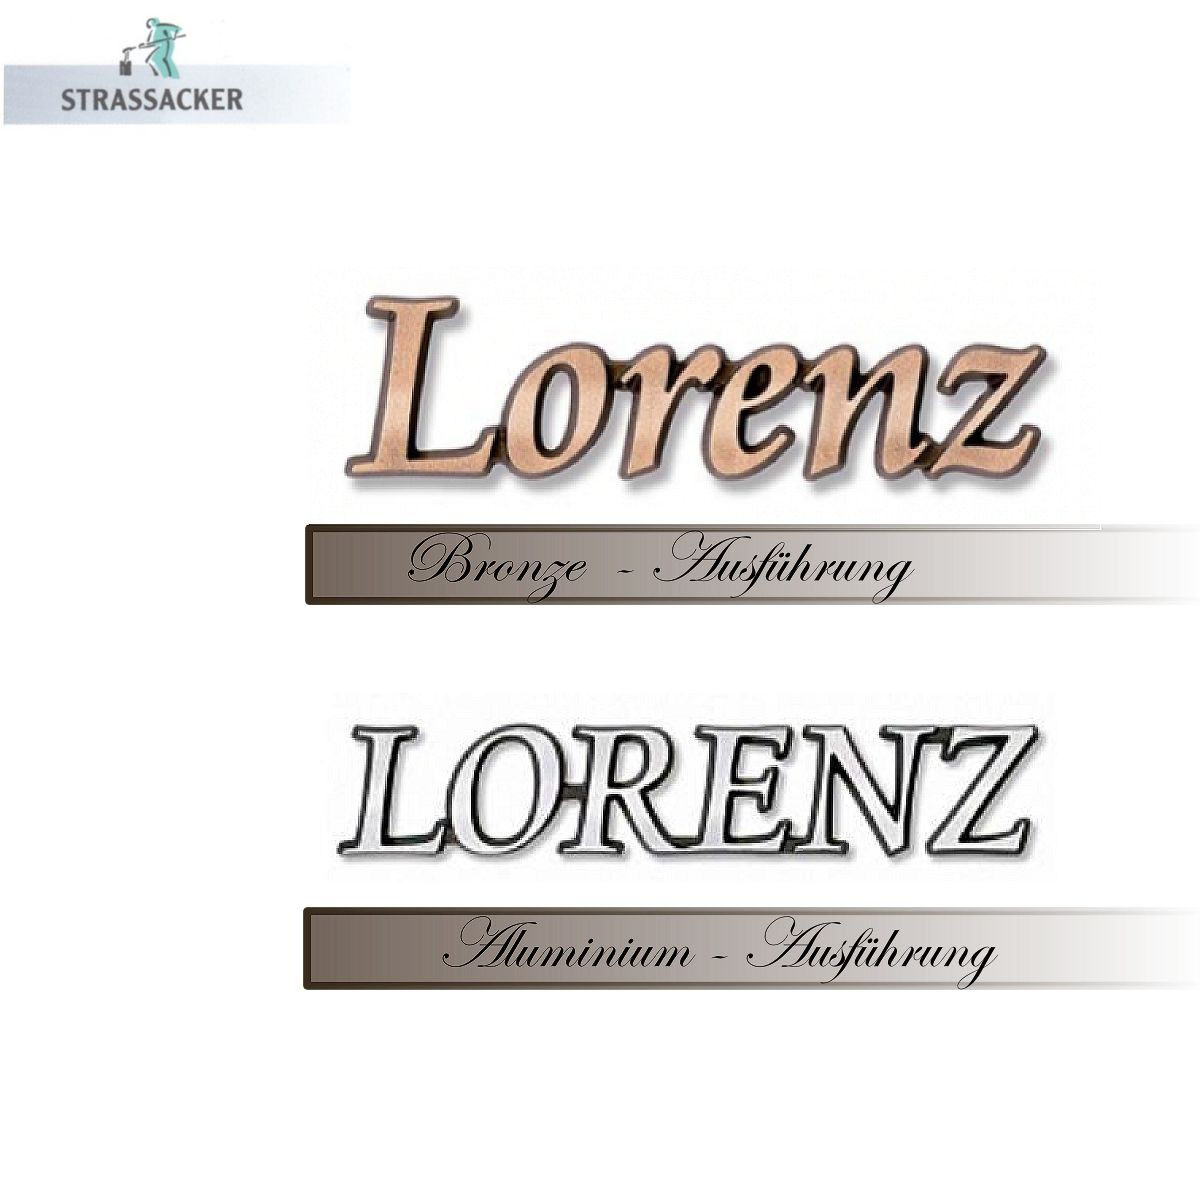 Bronzeschrift Und Aluminiumschriftzug Für Grabsteine Typ Lorenz